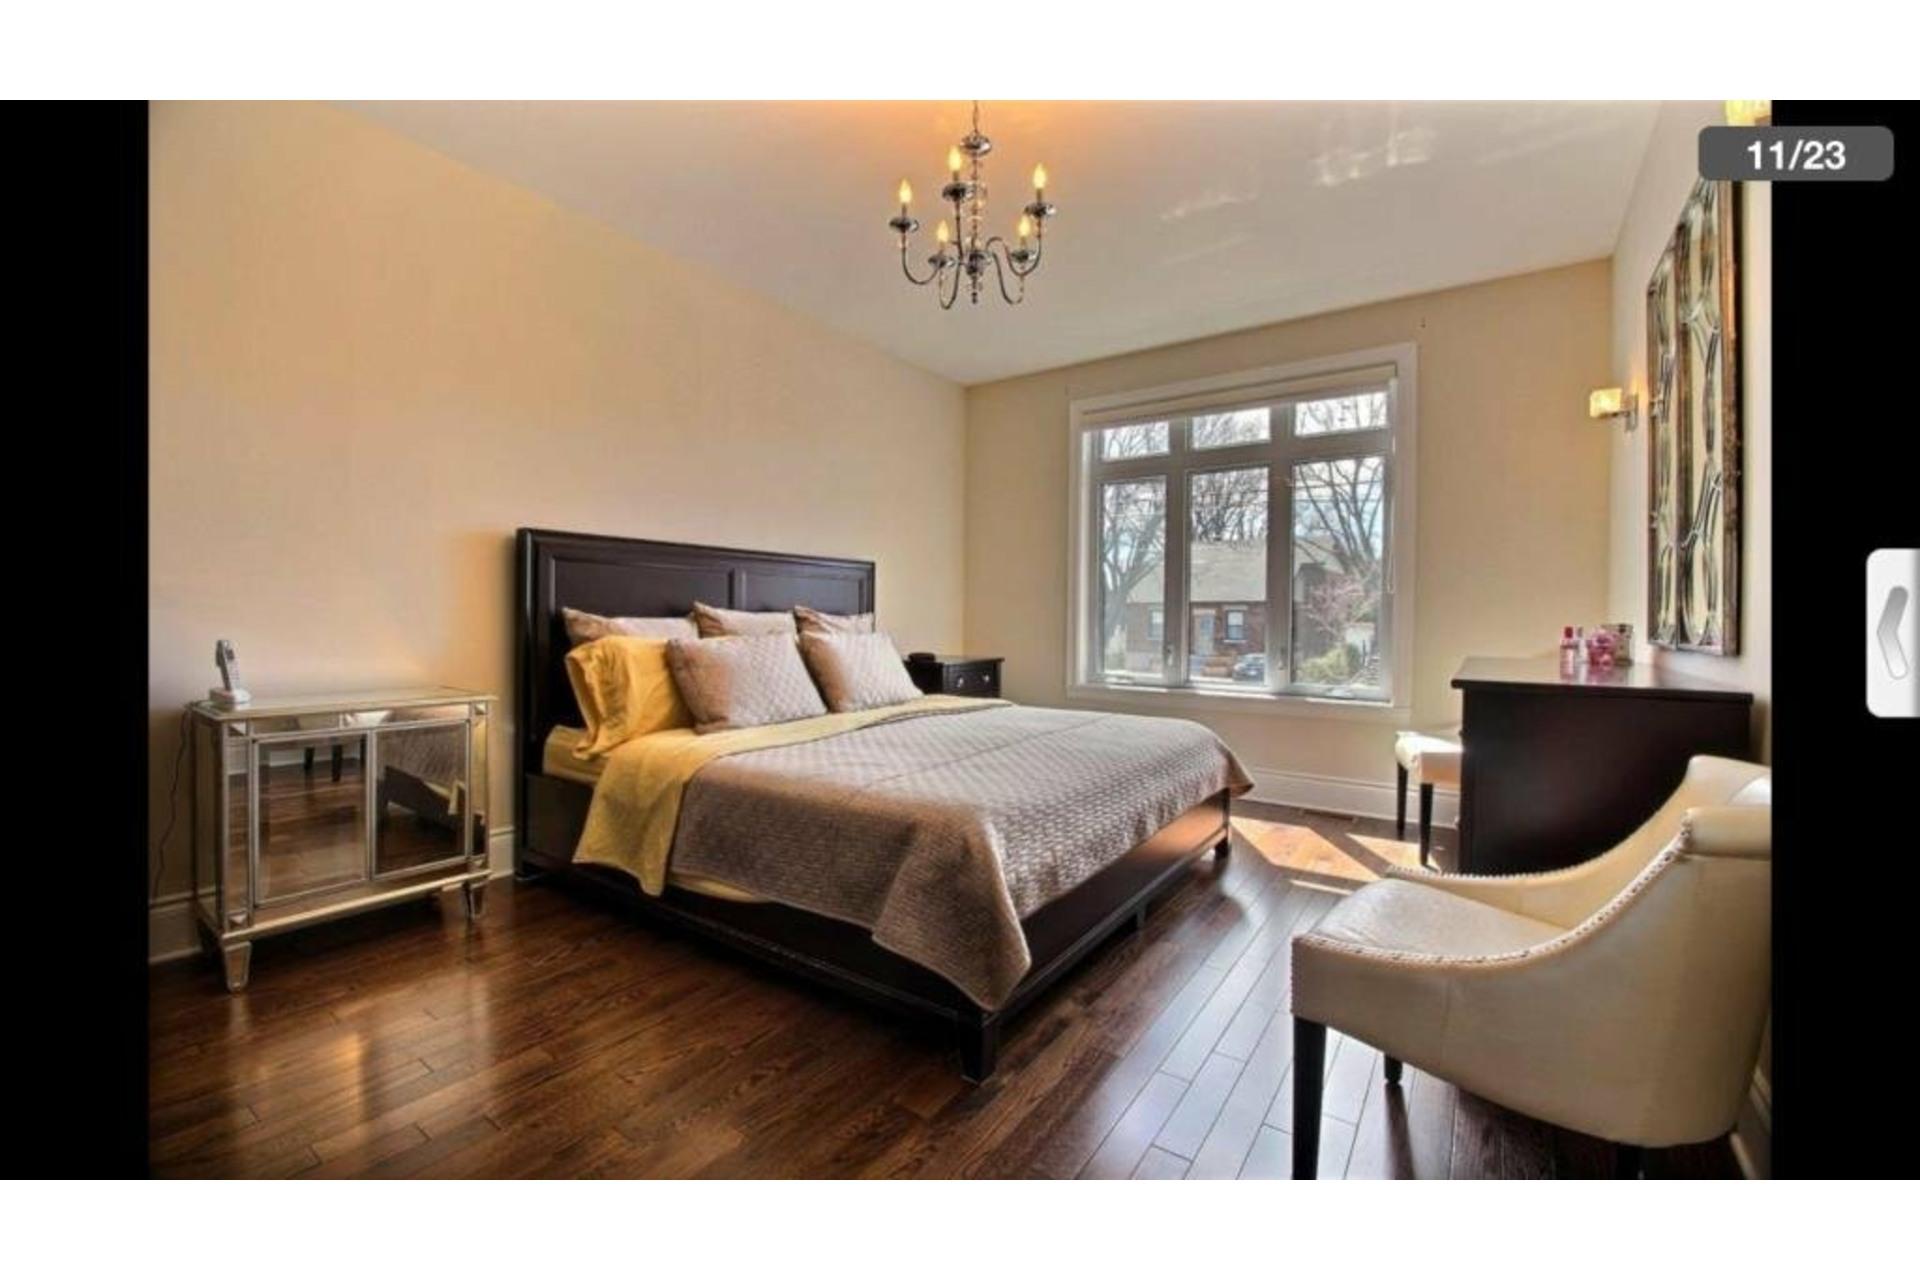 image 8 - Appartement À louer Saint-Laurent Montréal  - 10 pièces